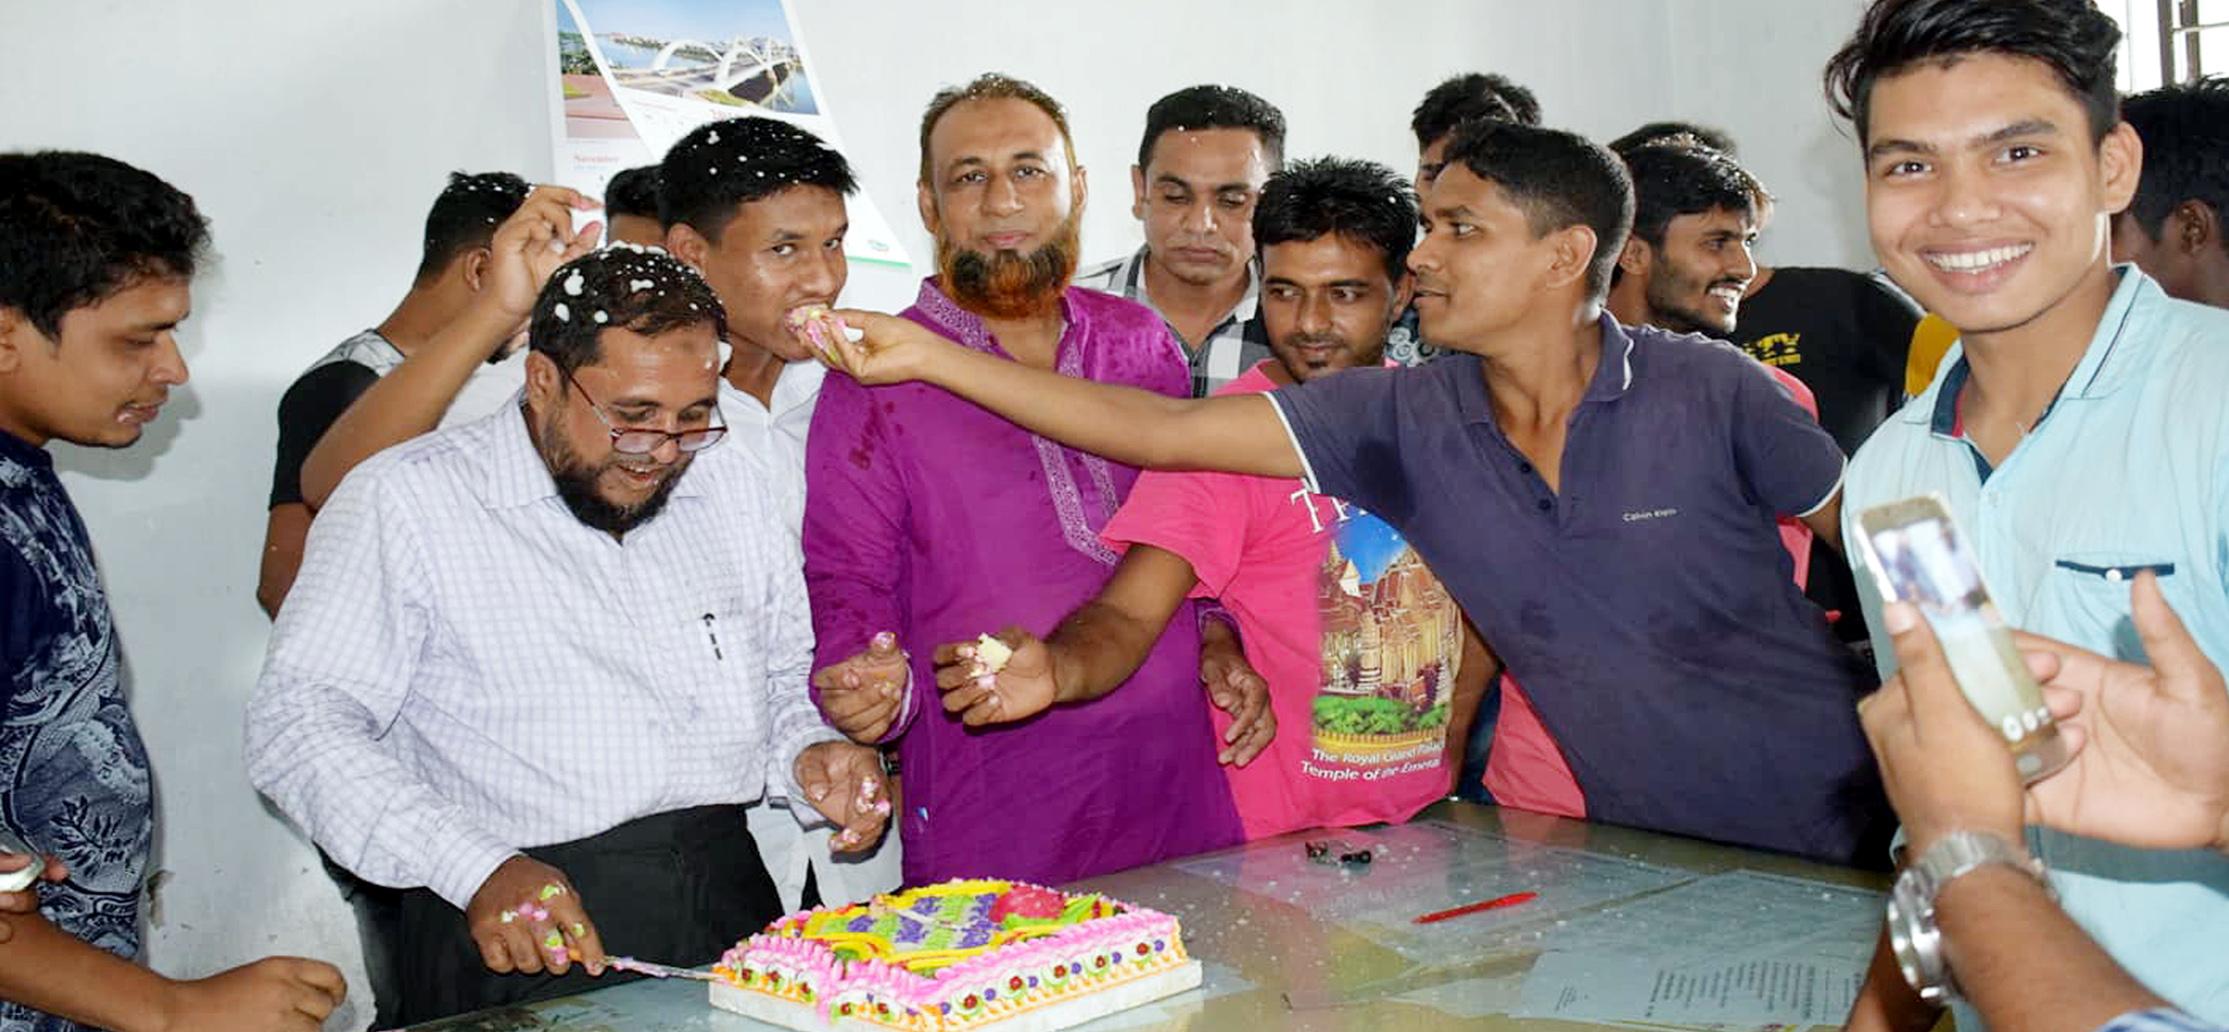 কালিগঞ্জের কাজী আলাউদ্দিন কলেজে প্রধানমন্ত্রীর জন্মদিন পালিত